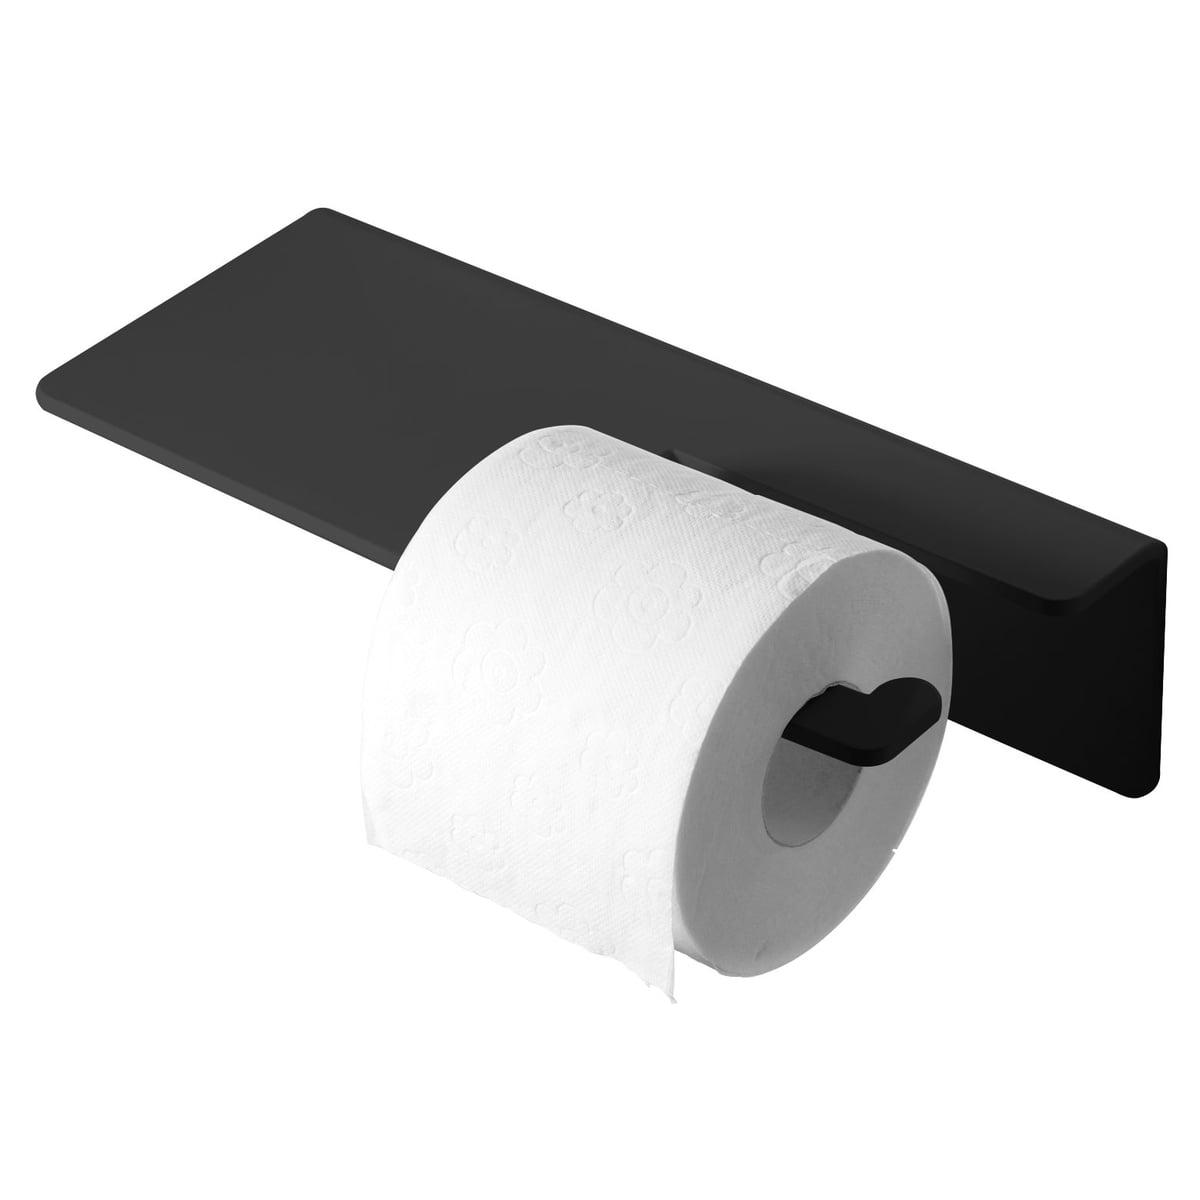 Radius Design - Puro Toilettenpapierhalter, schwarz | Bad > Bad-Accessoires > Toilettenpapierhalter | Schwarz | Aluminium pulverbeschichtet | Radius Design